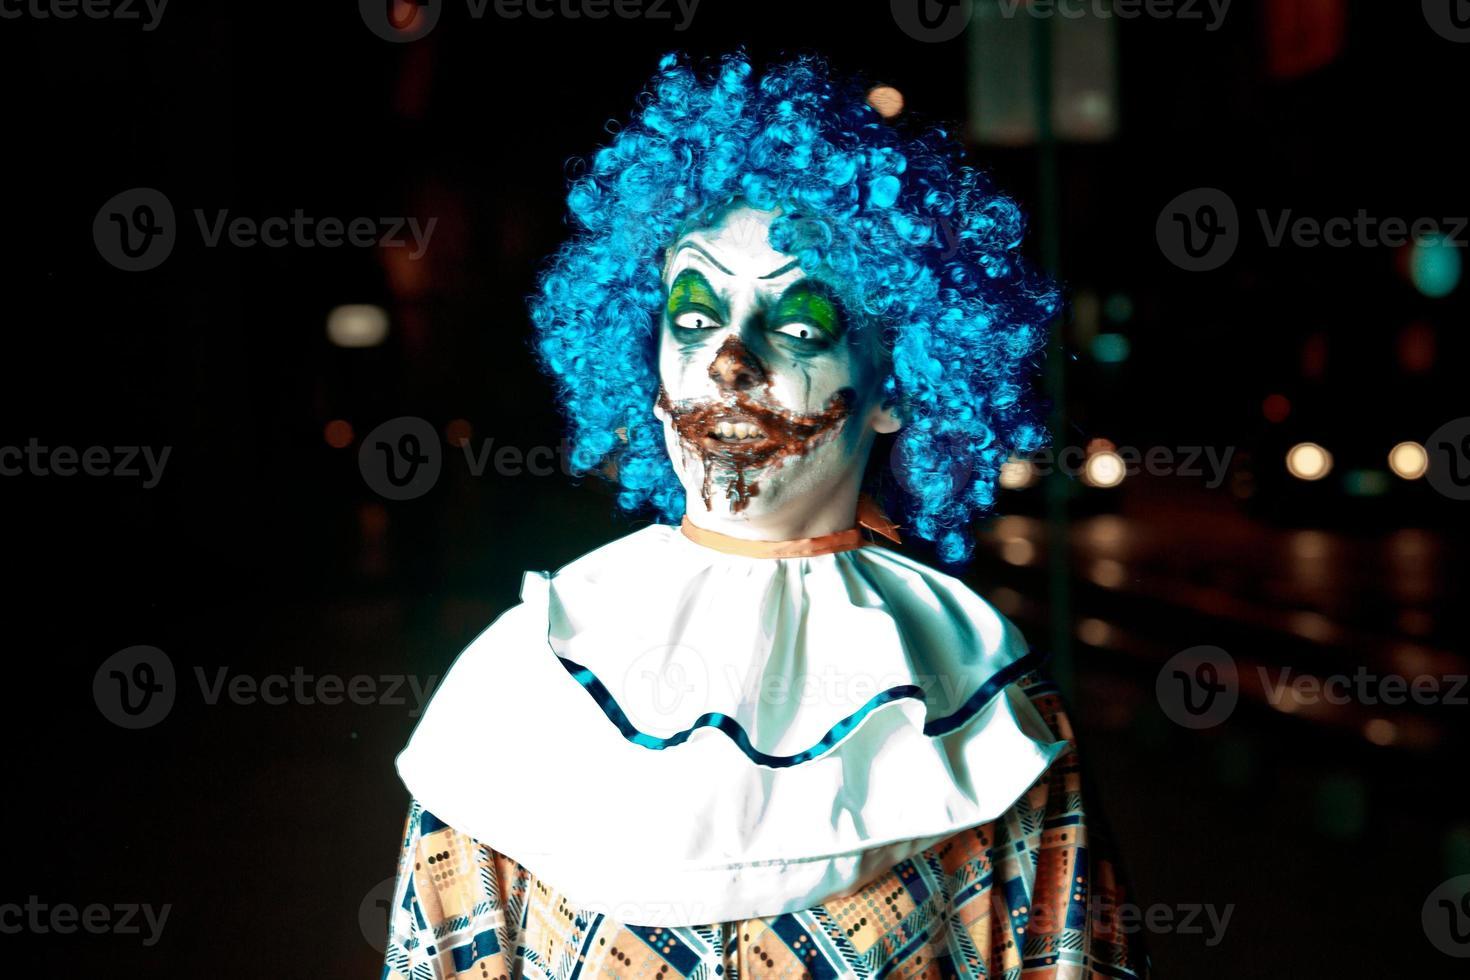 clown maléfique fou en ville à Halloween faisant peur aux gens photo